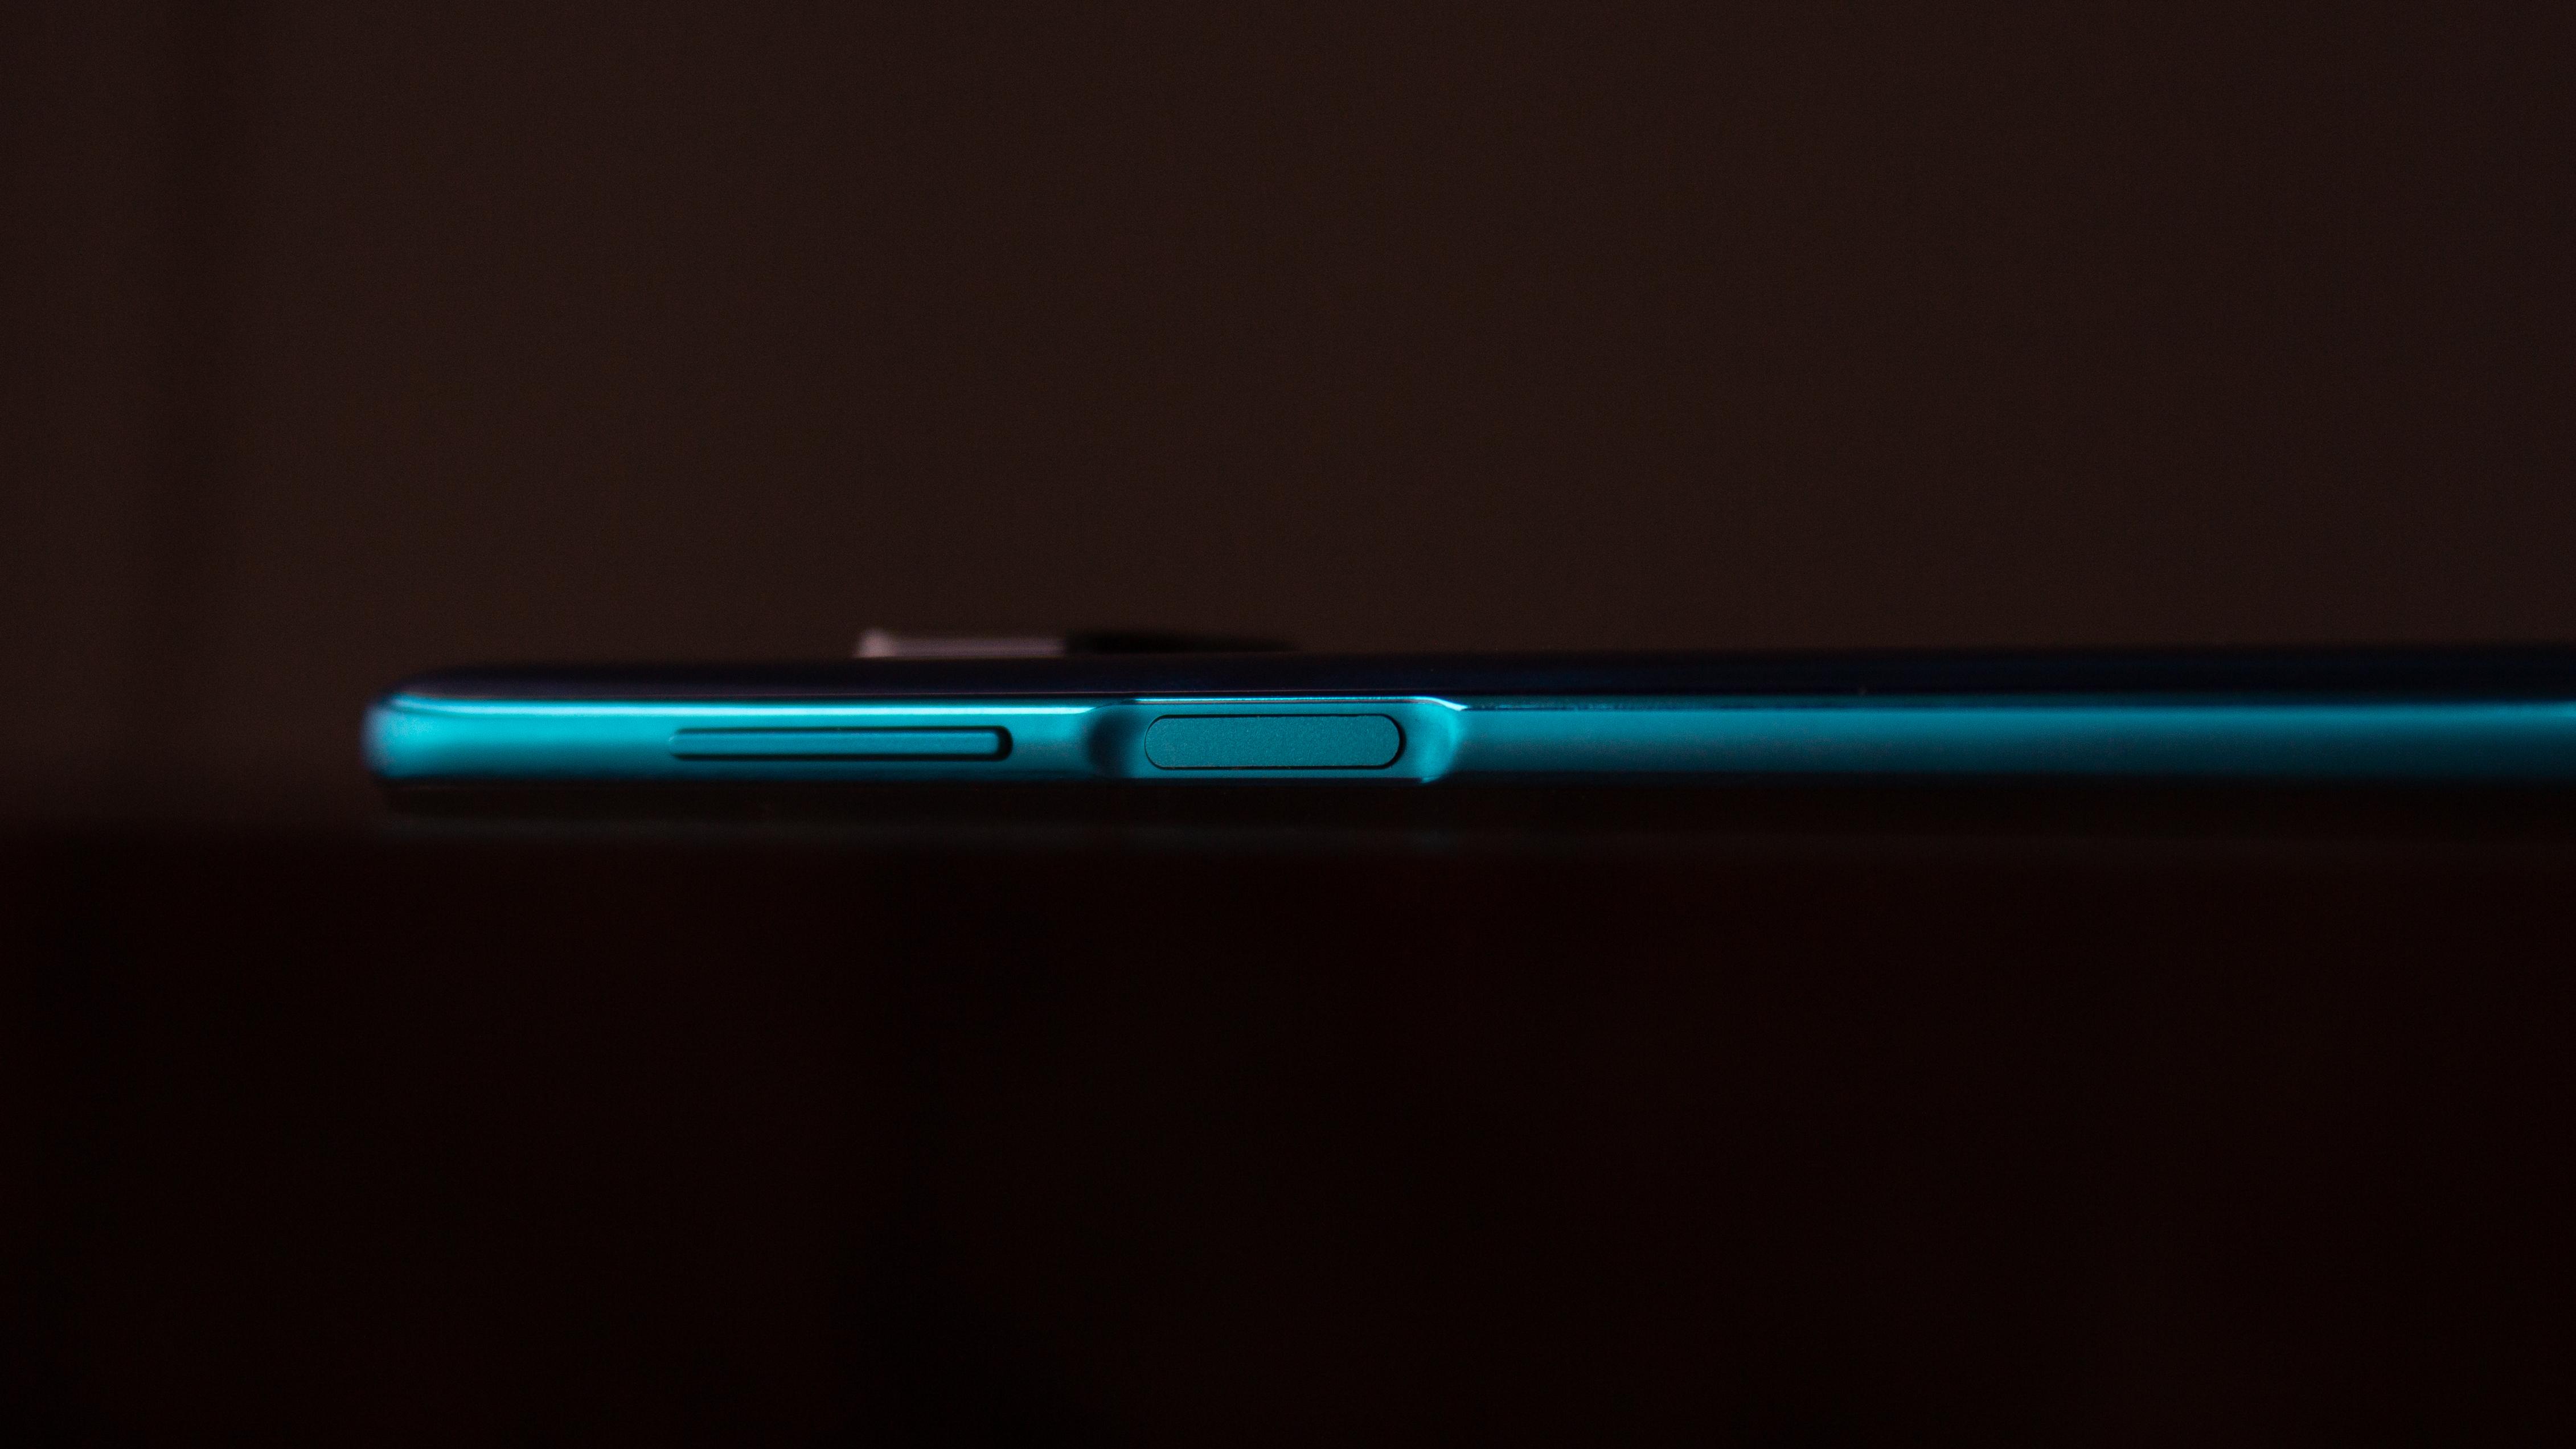 Recenzja Xiaomi Redmi Note 9s. Tanio i dobrze? 53